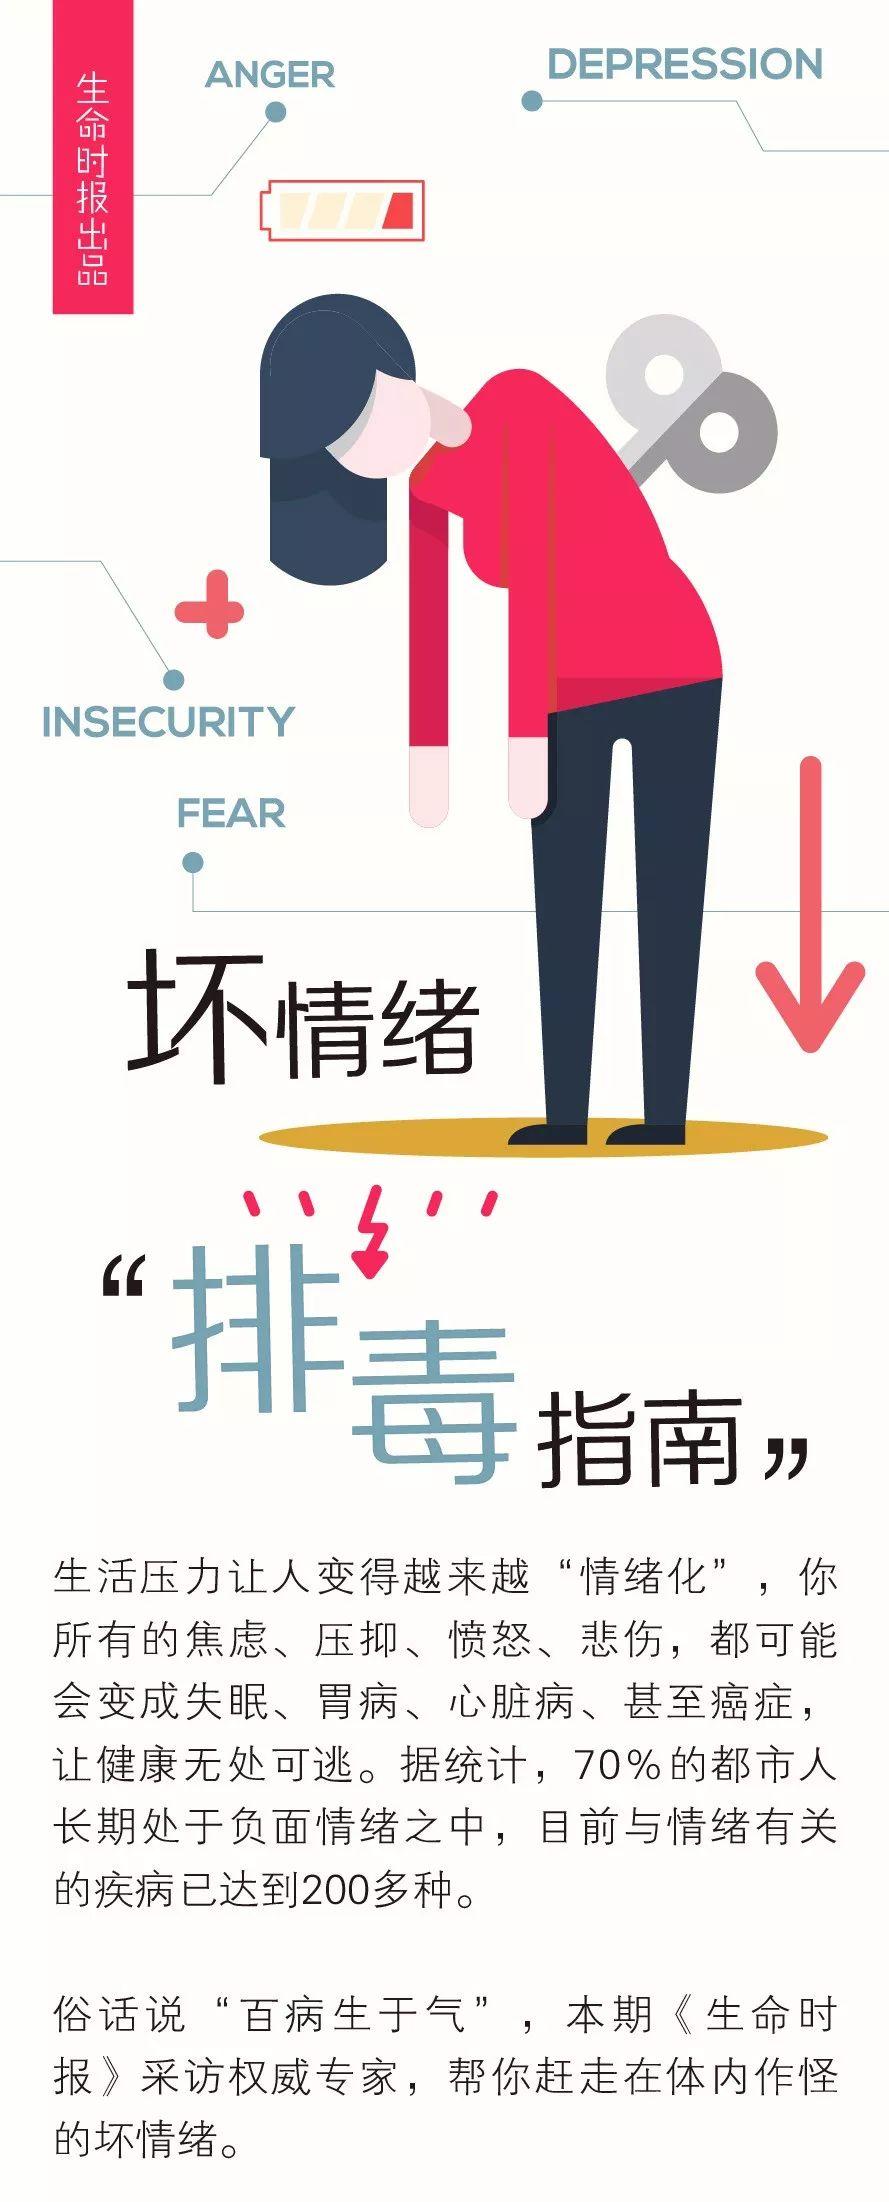 """经常愤怒的人容易口臭…9招帮你赶走坏情绪,""""定制""""好心情!"""